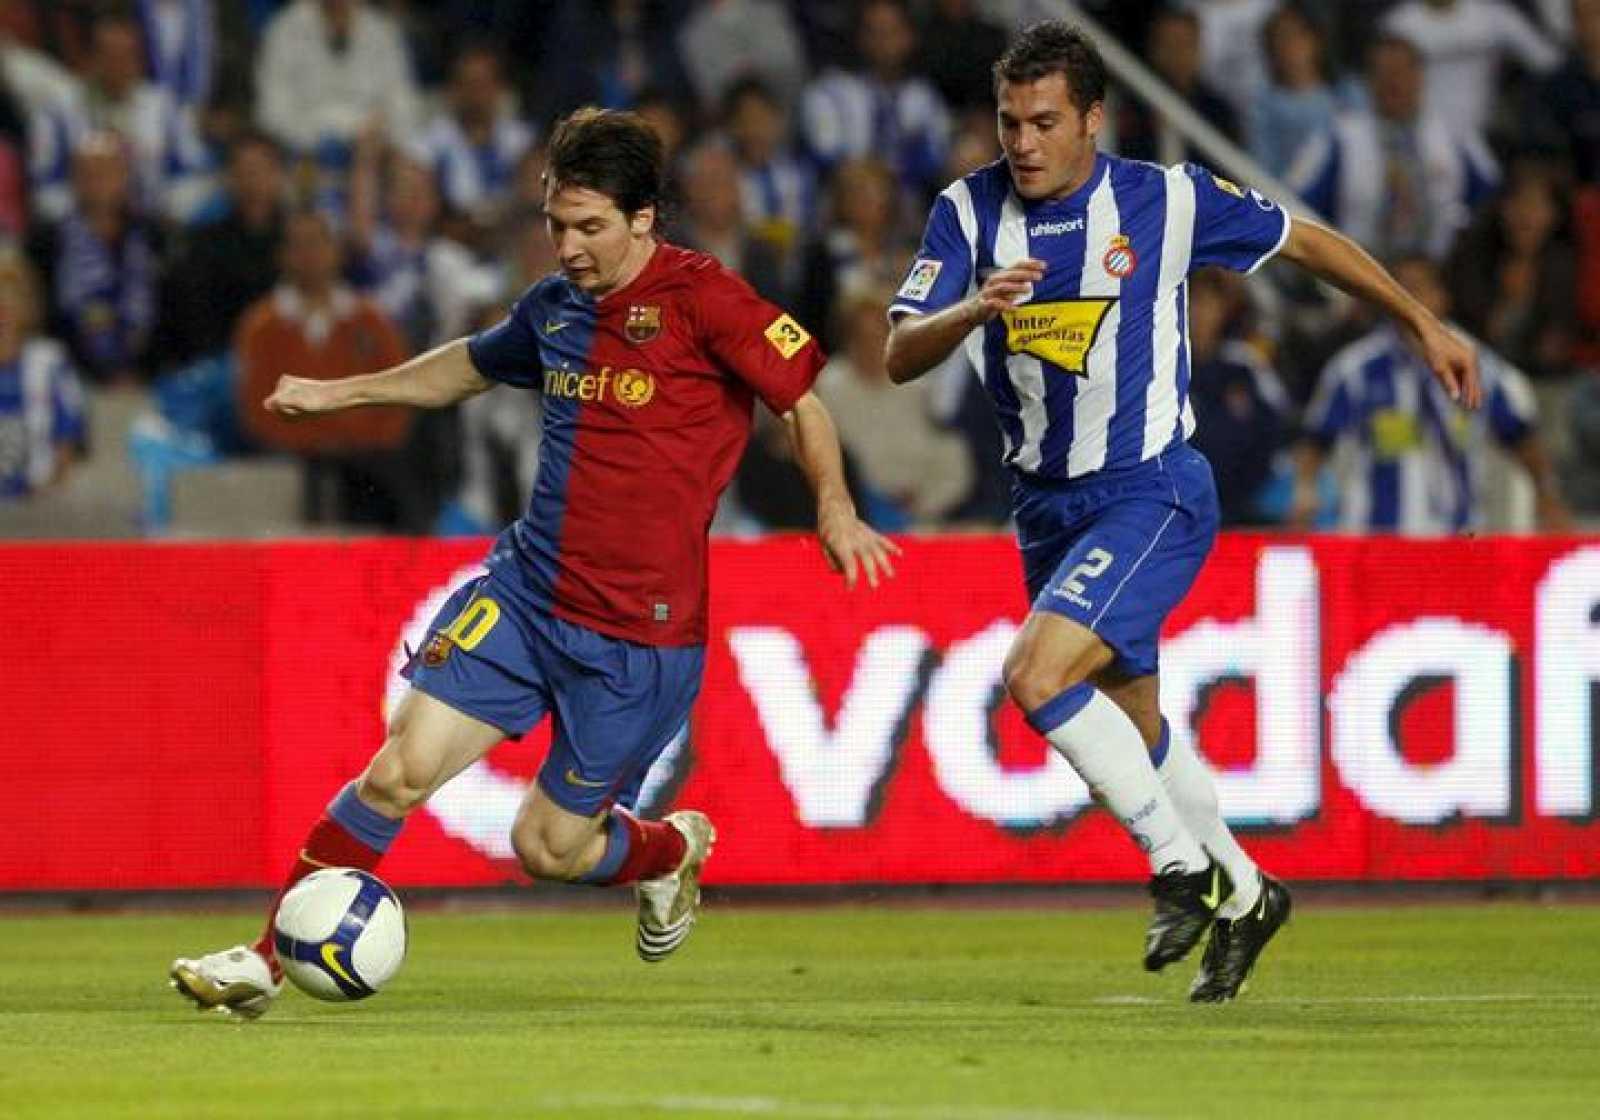 RCD ESPANYOL-FC BARCELONA